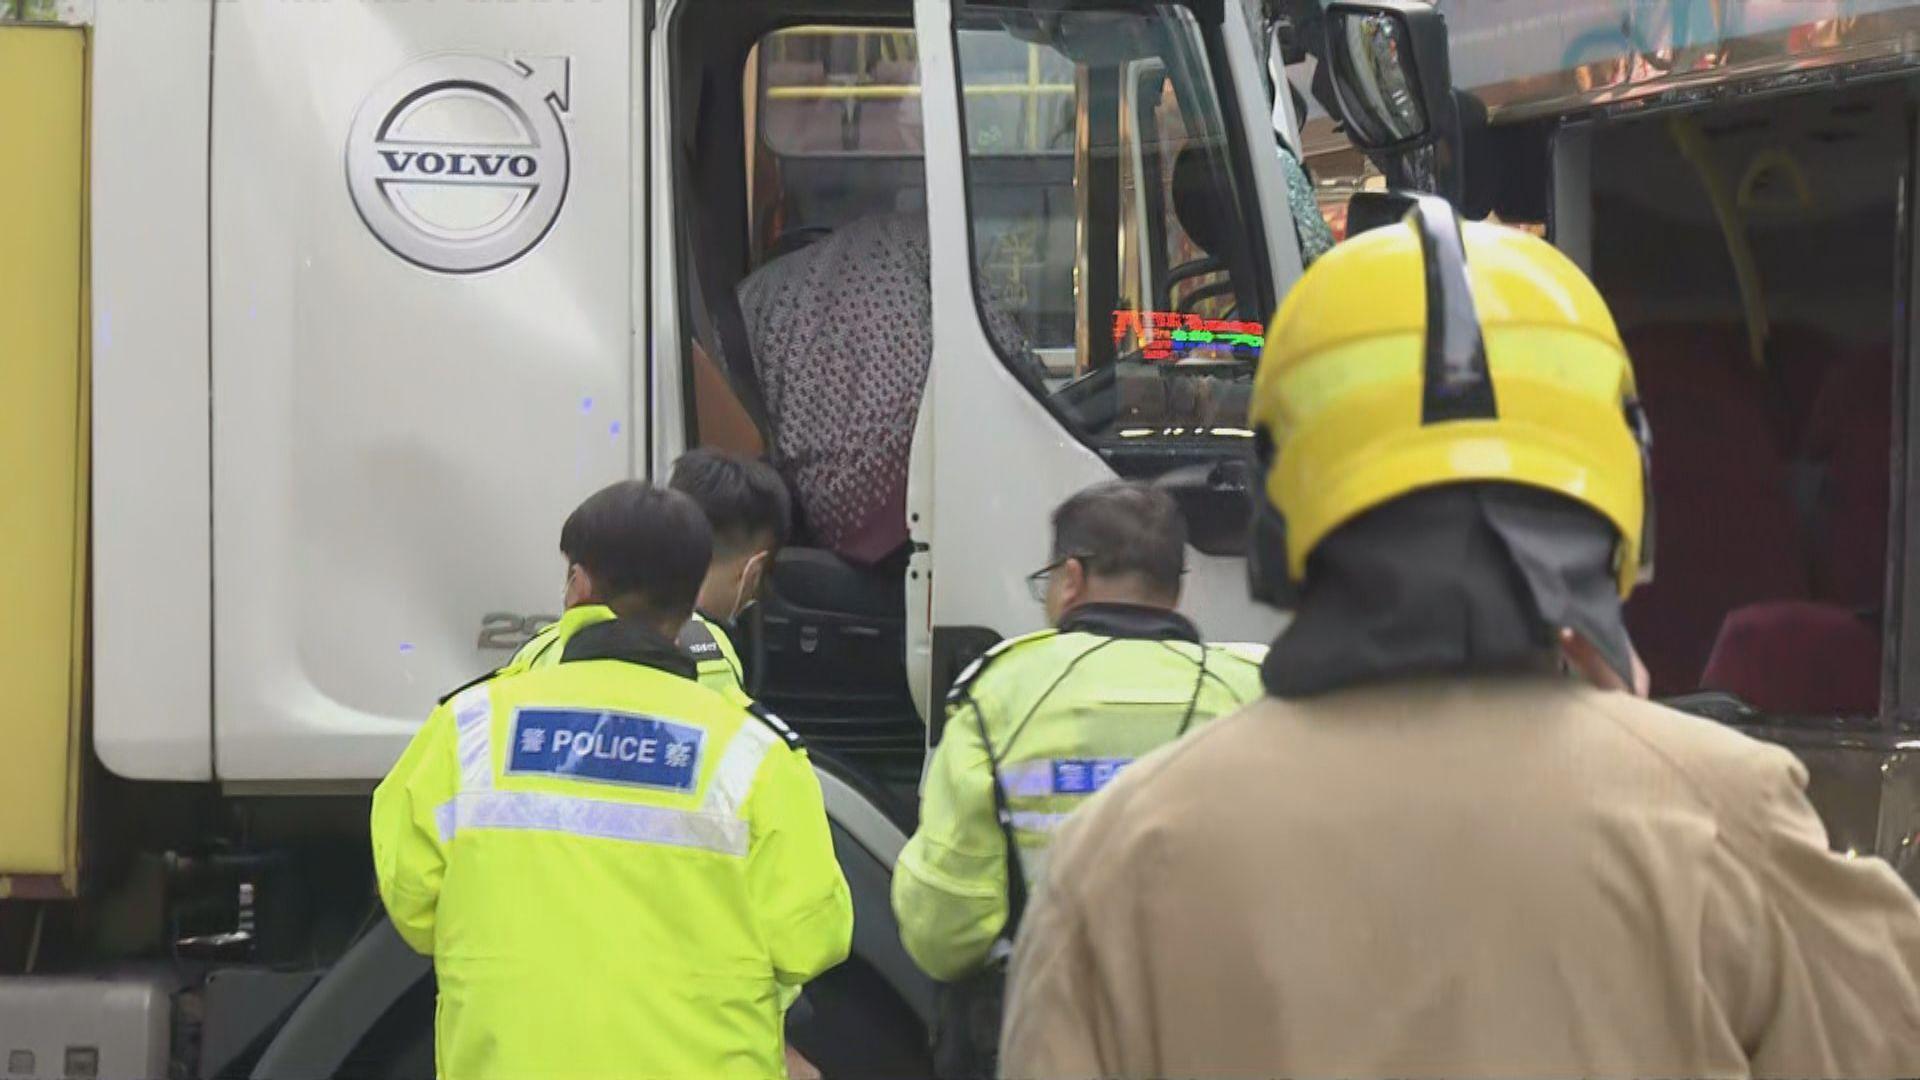 深水埗巴士及洗街車相撞 洗街車司機涉嫌危險駕駛被捕